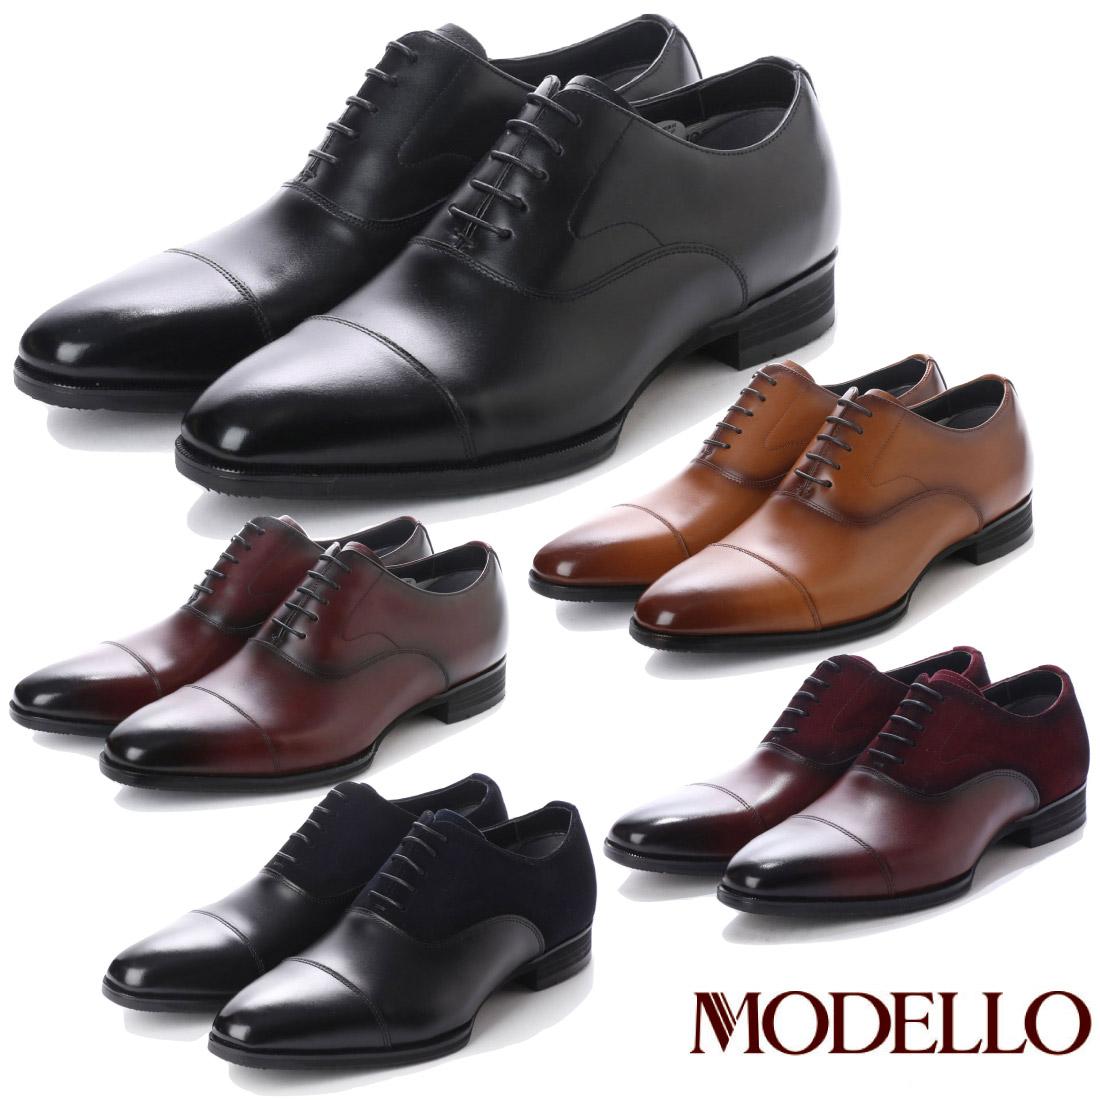 モデロ MODELLO ストレートチップ ビジネスシューズ DM8001 マドラス 革靴 防水 【nesh】 【新品】